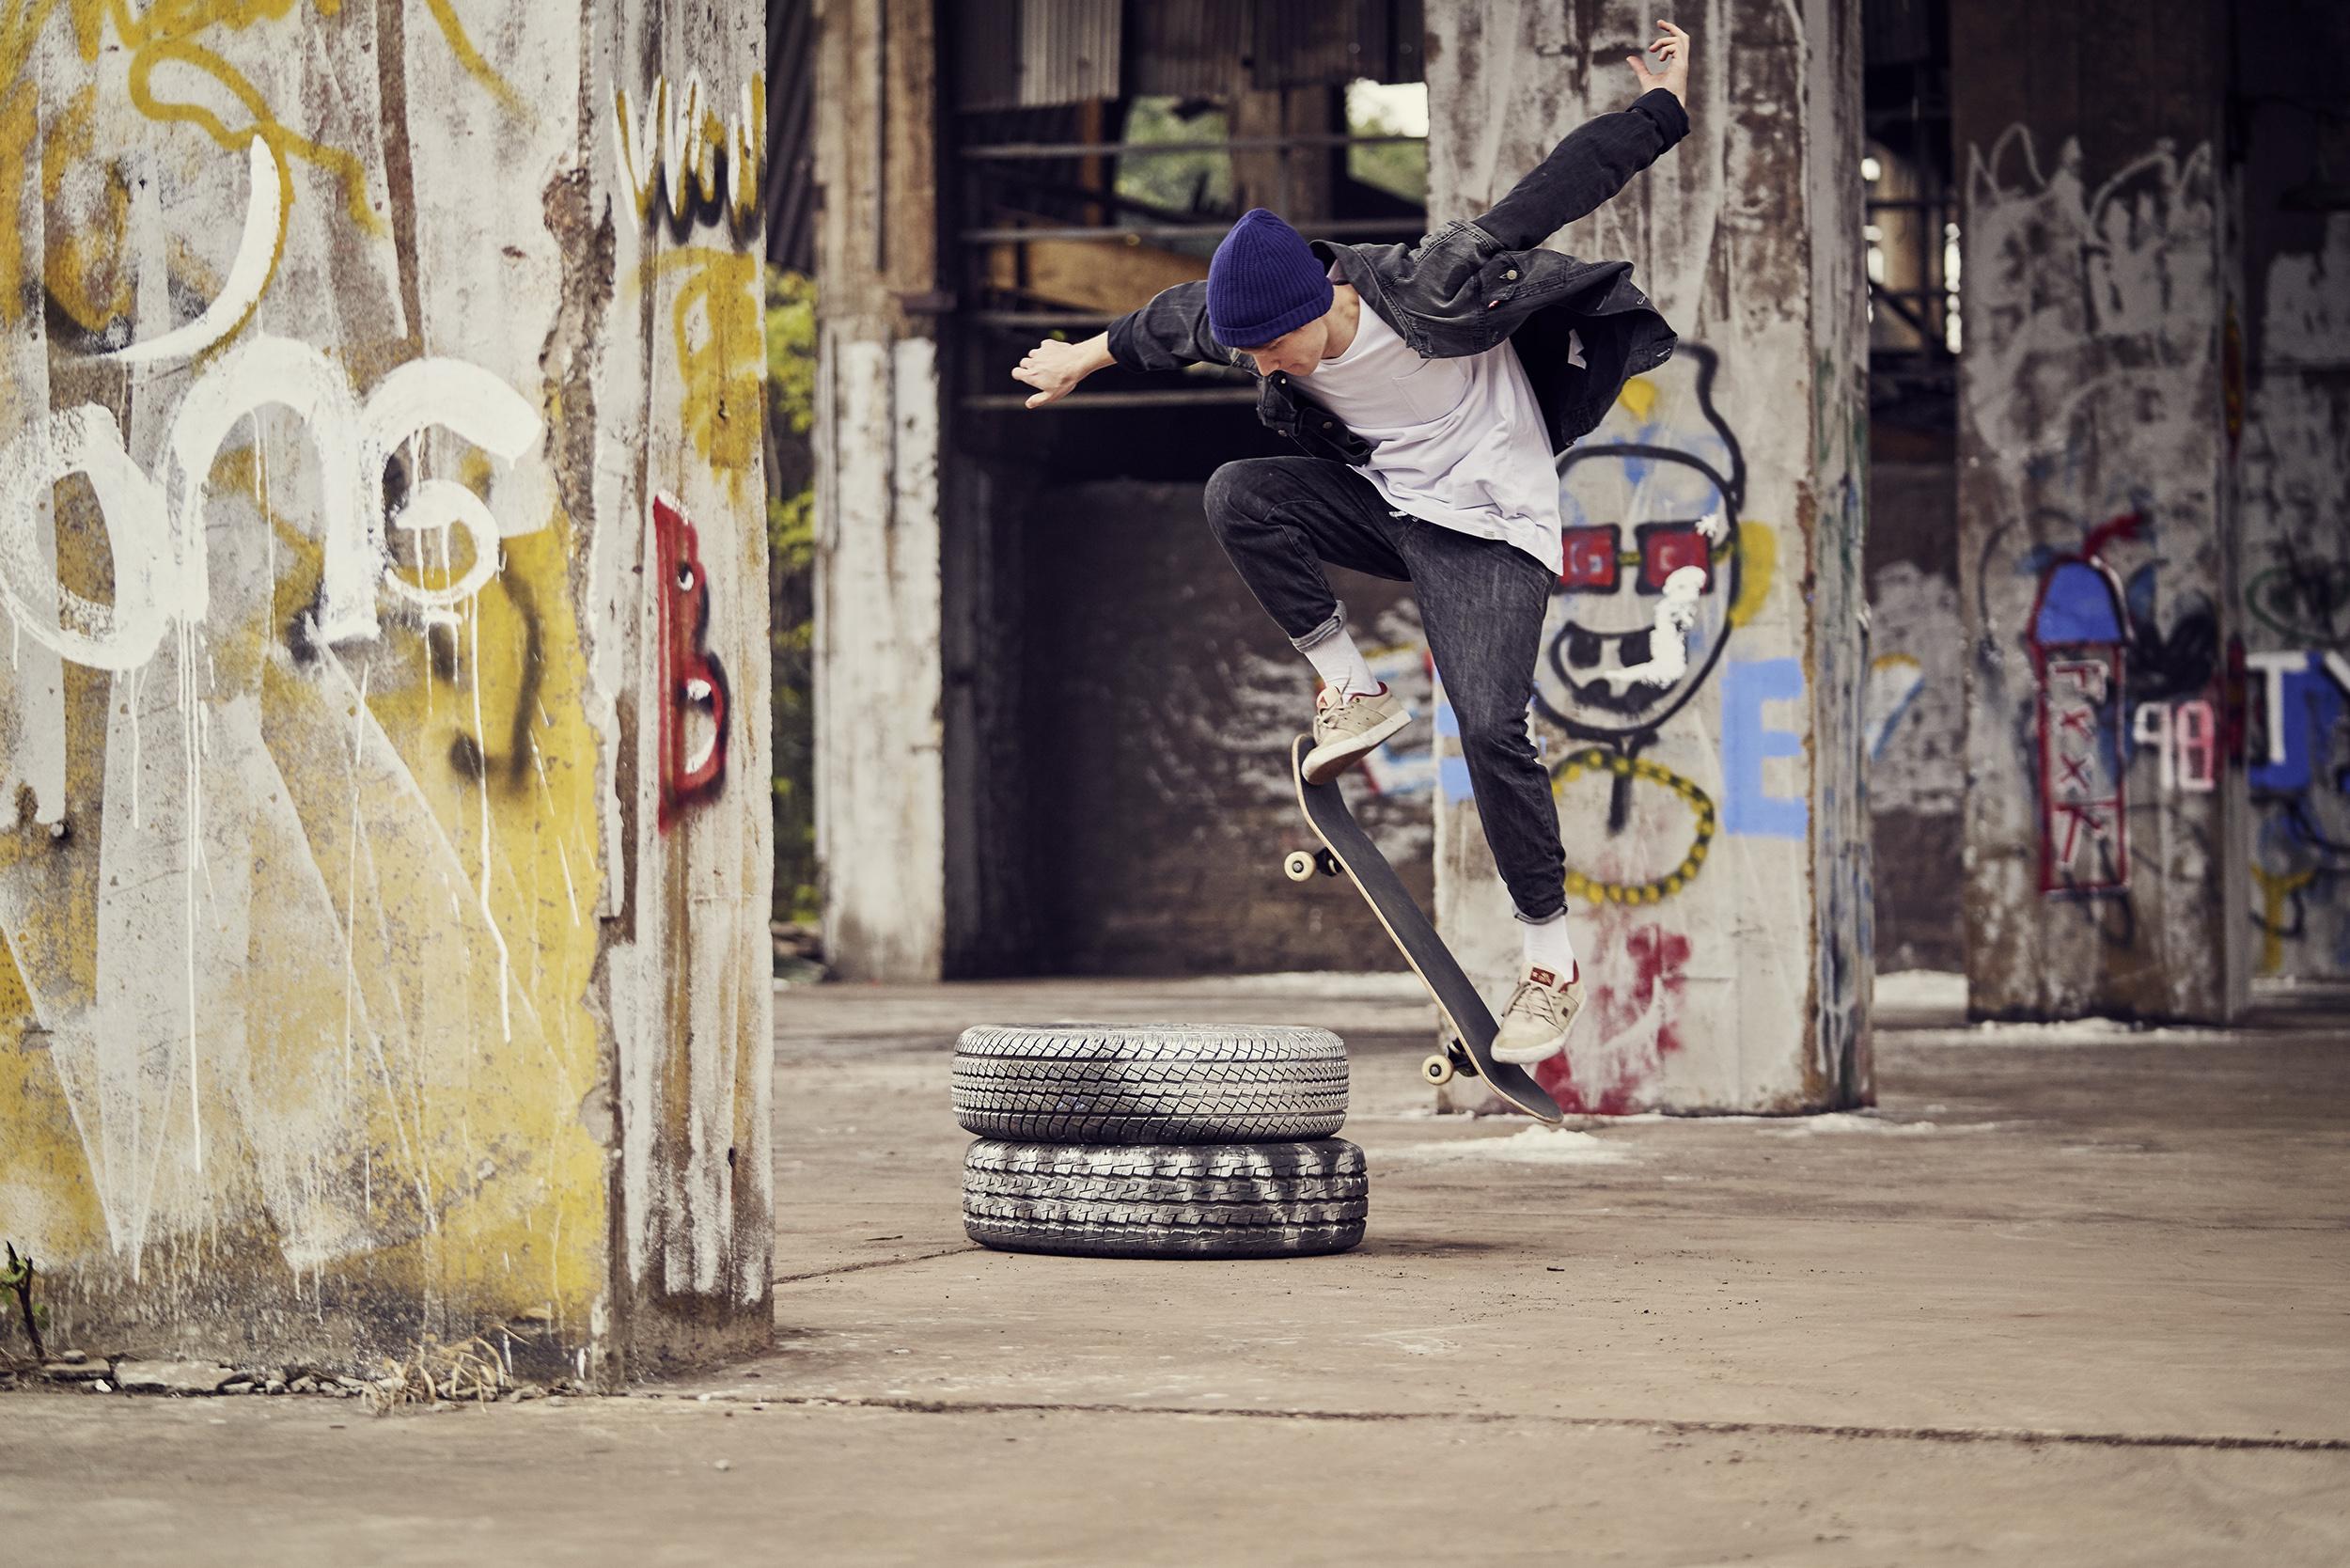 Zippo_Skatebaording_06